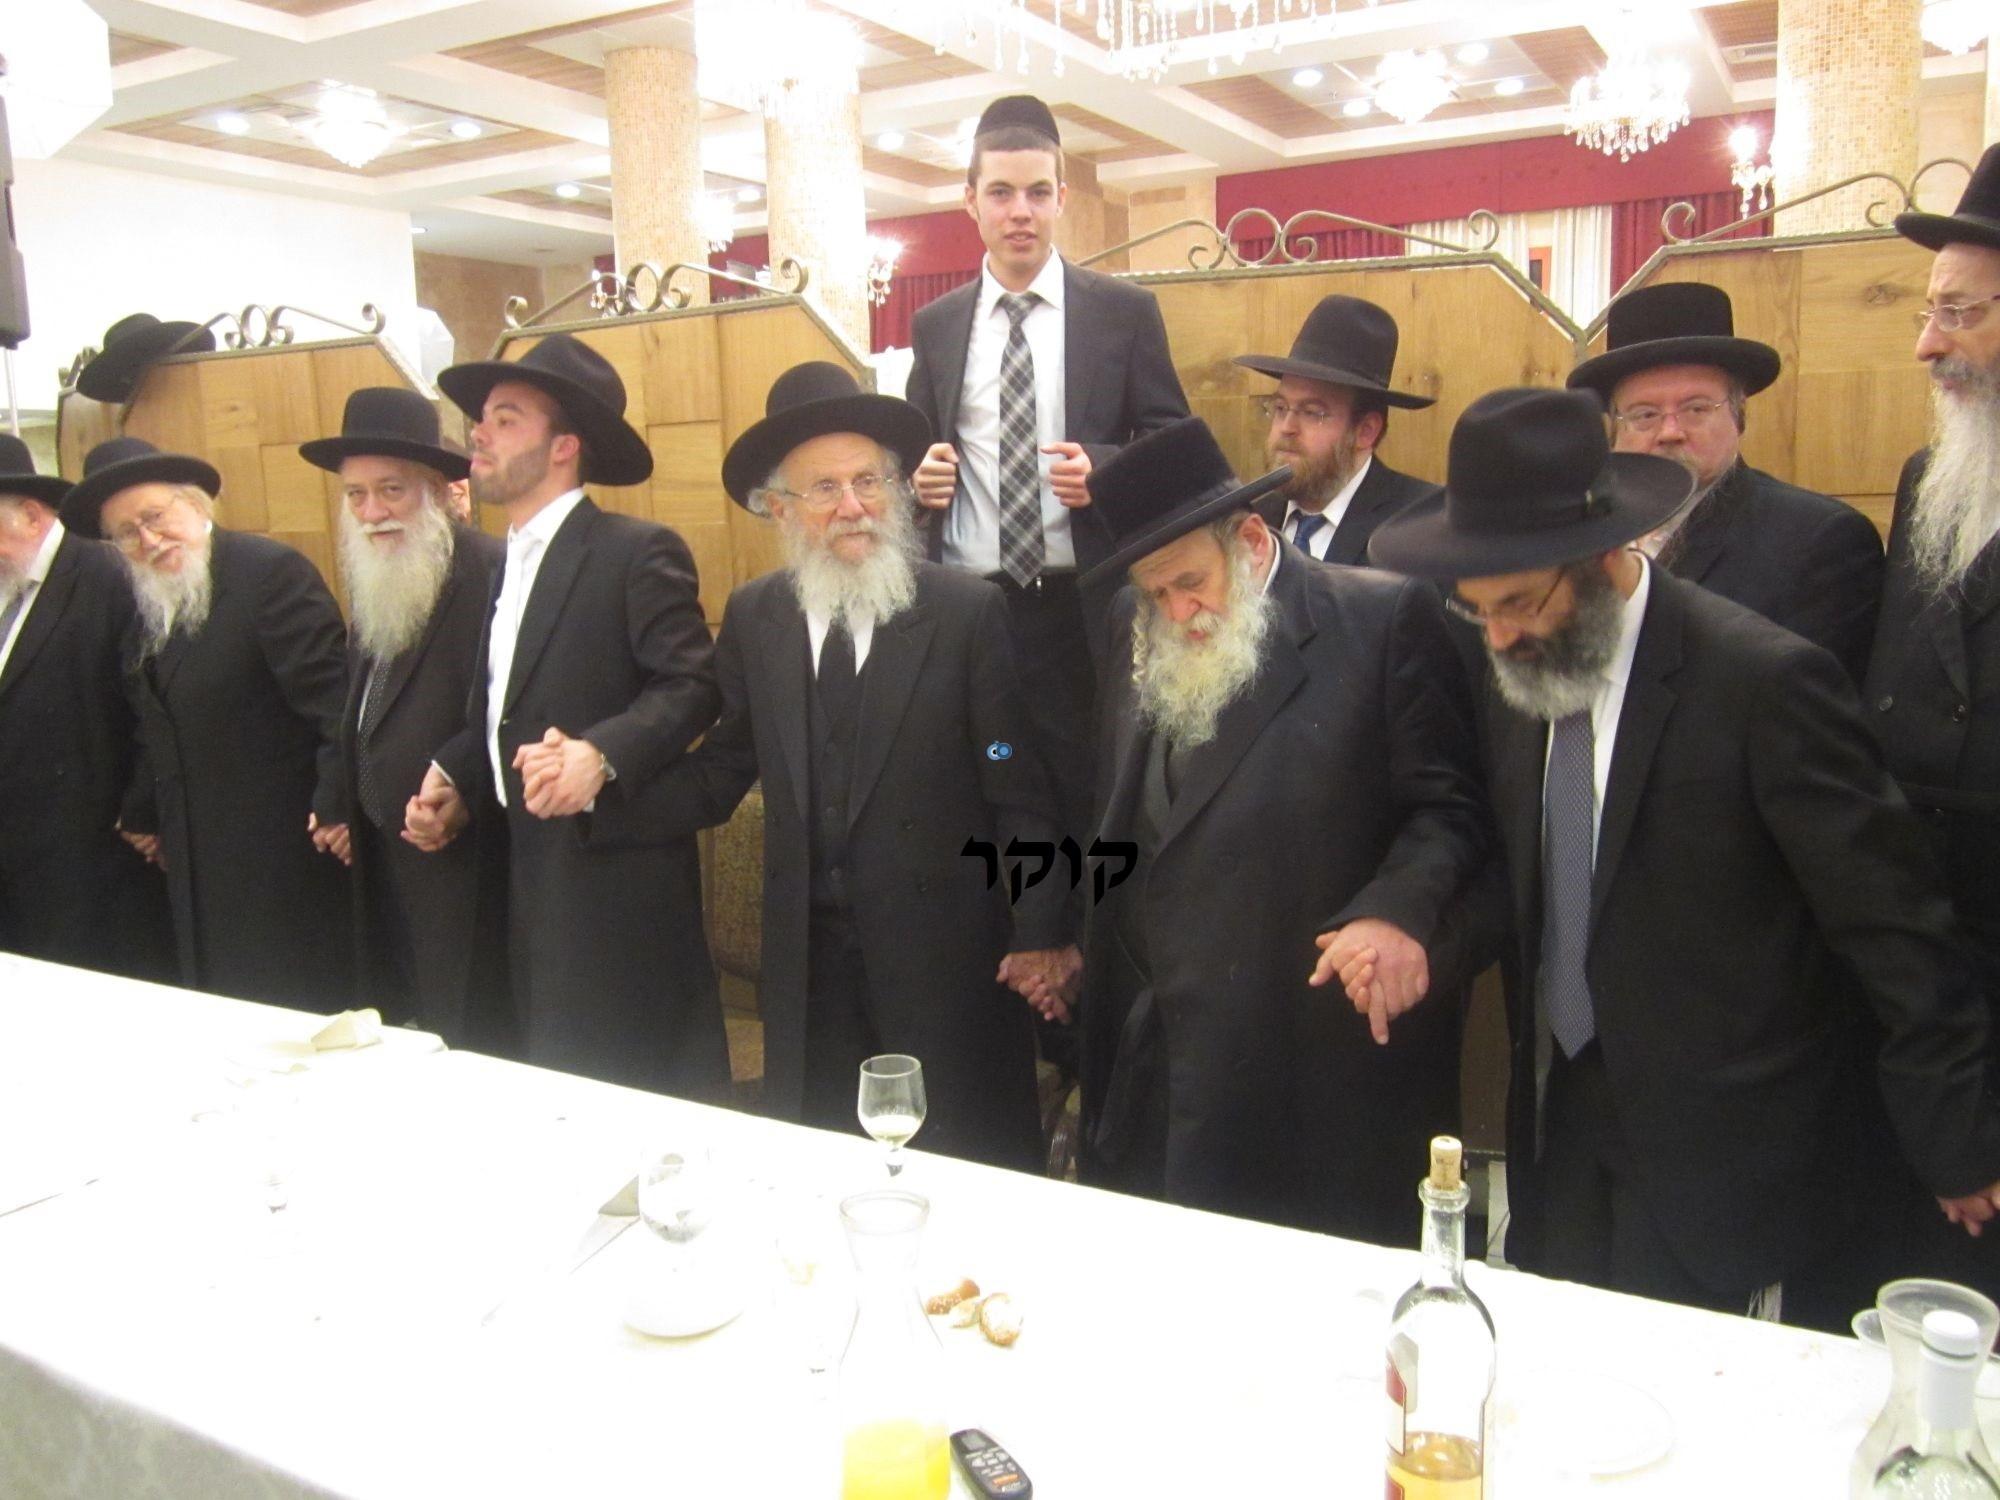 אדמו''ר מ טשערנוביל מטשערנוביל, חתונה, הרב יעקב אדלשטיין אדלשטין (11)